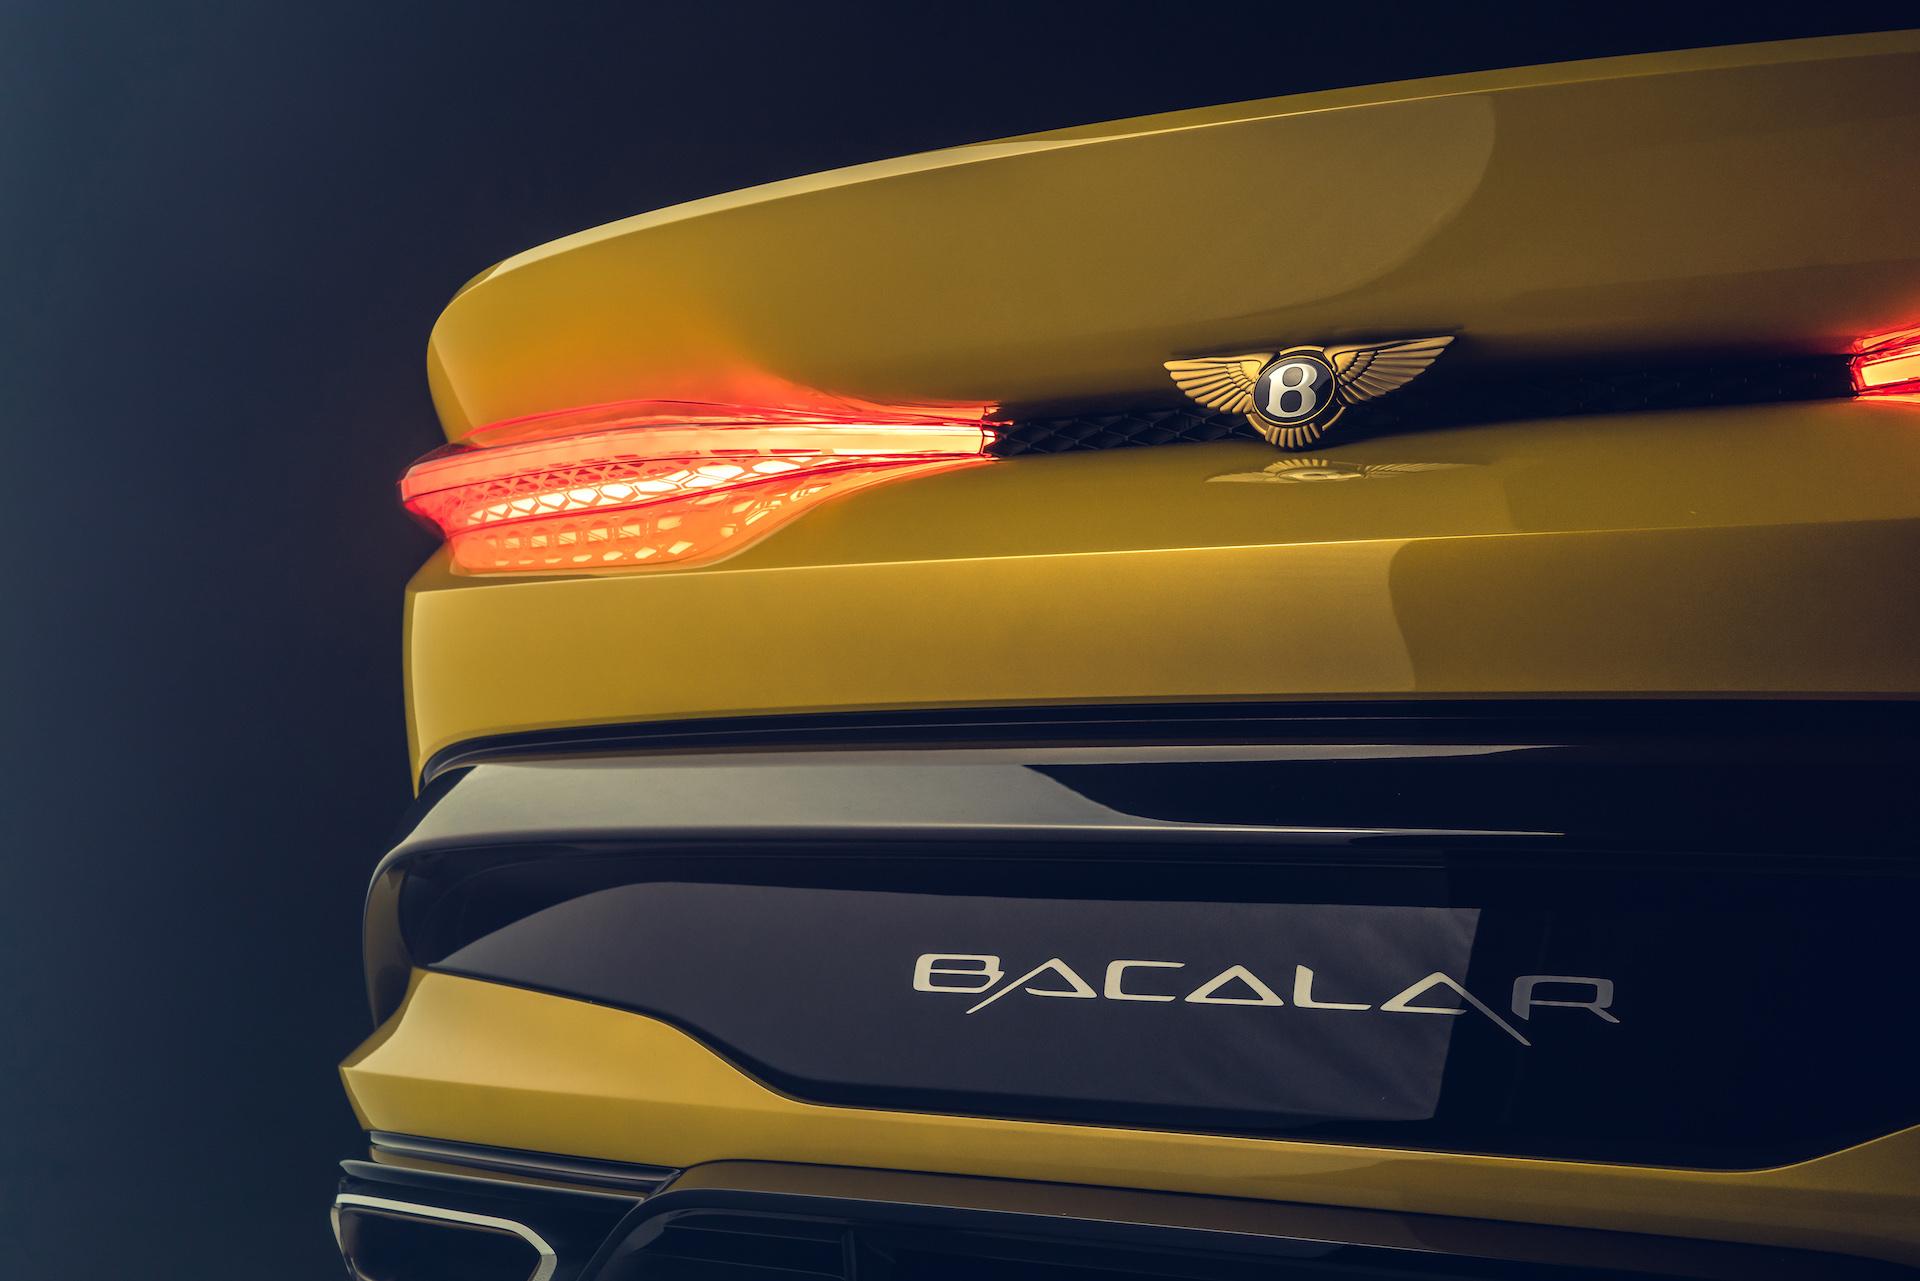 Offener Zweisitzer-GT mit 659 PS: Der neue Bentley Bacalar 6